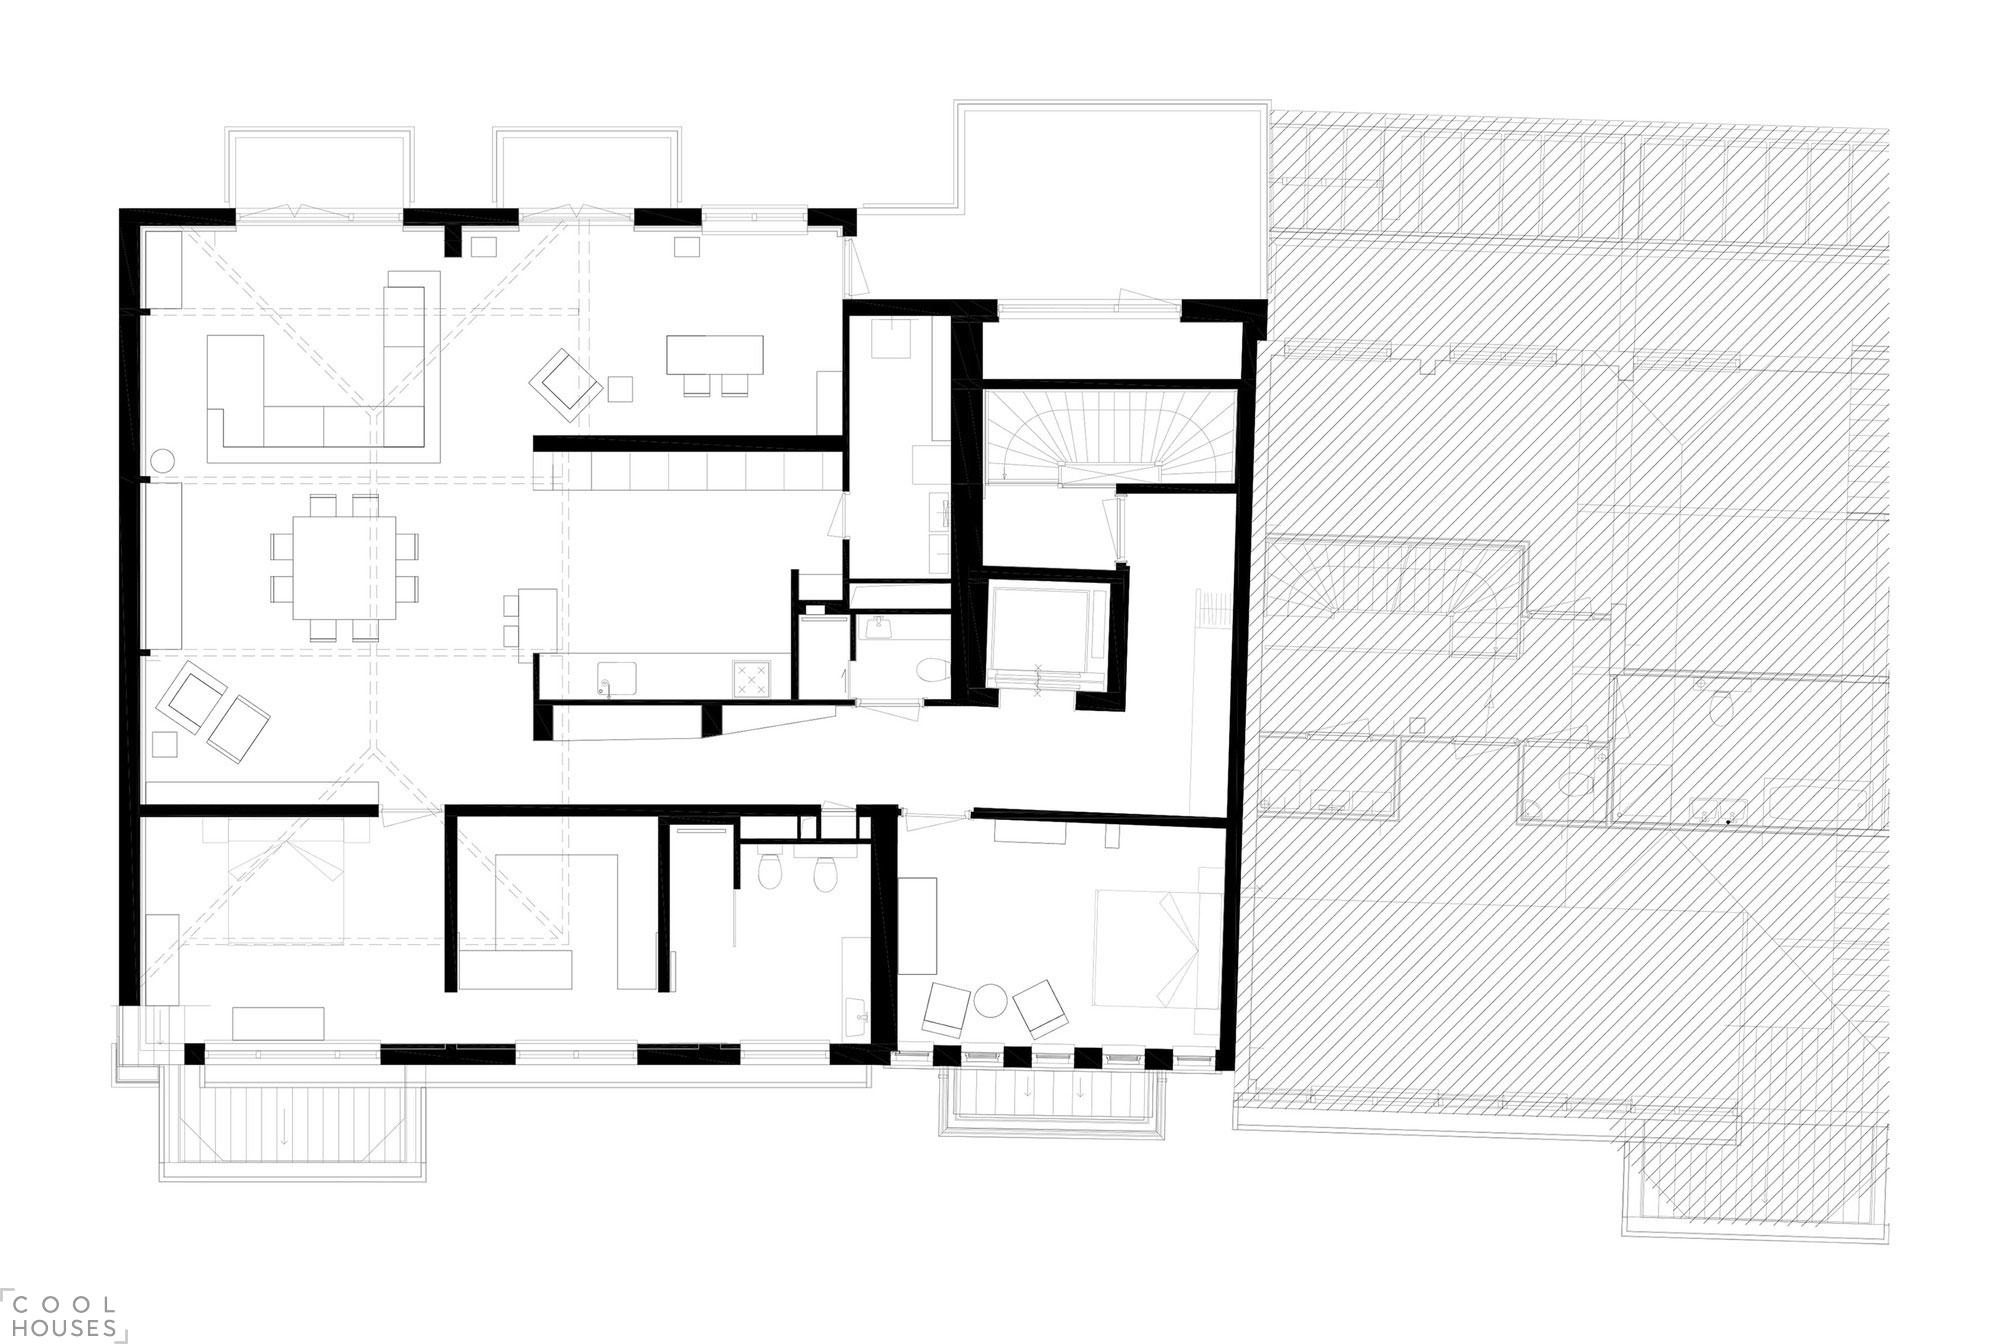 Роскошная квартира в здании бывшего музея в Роттердаме, Нидерланды